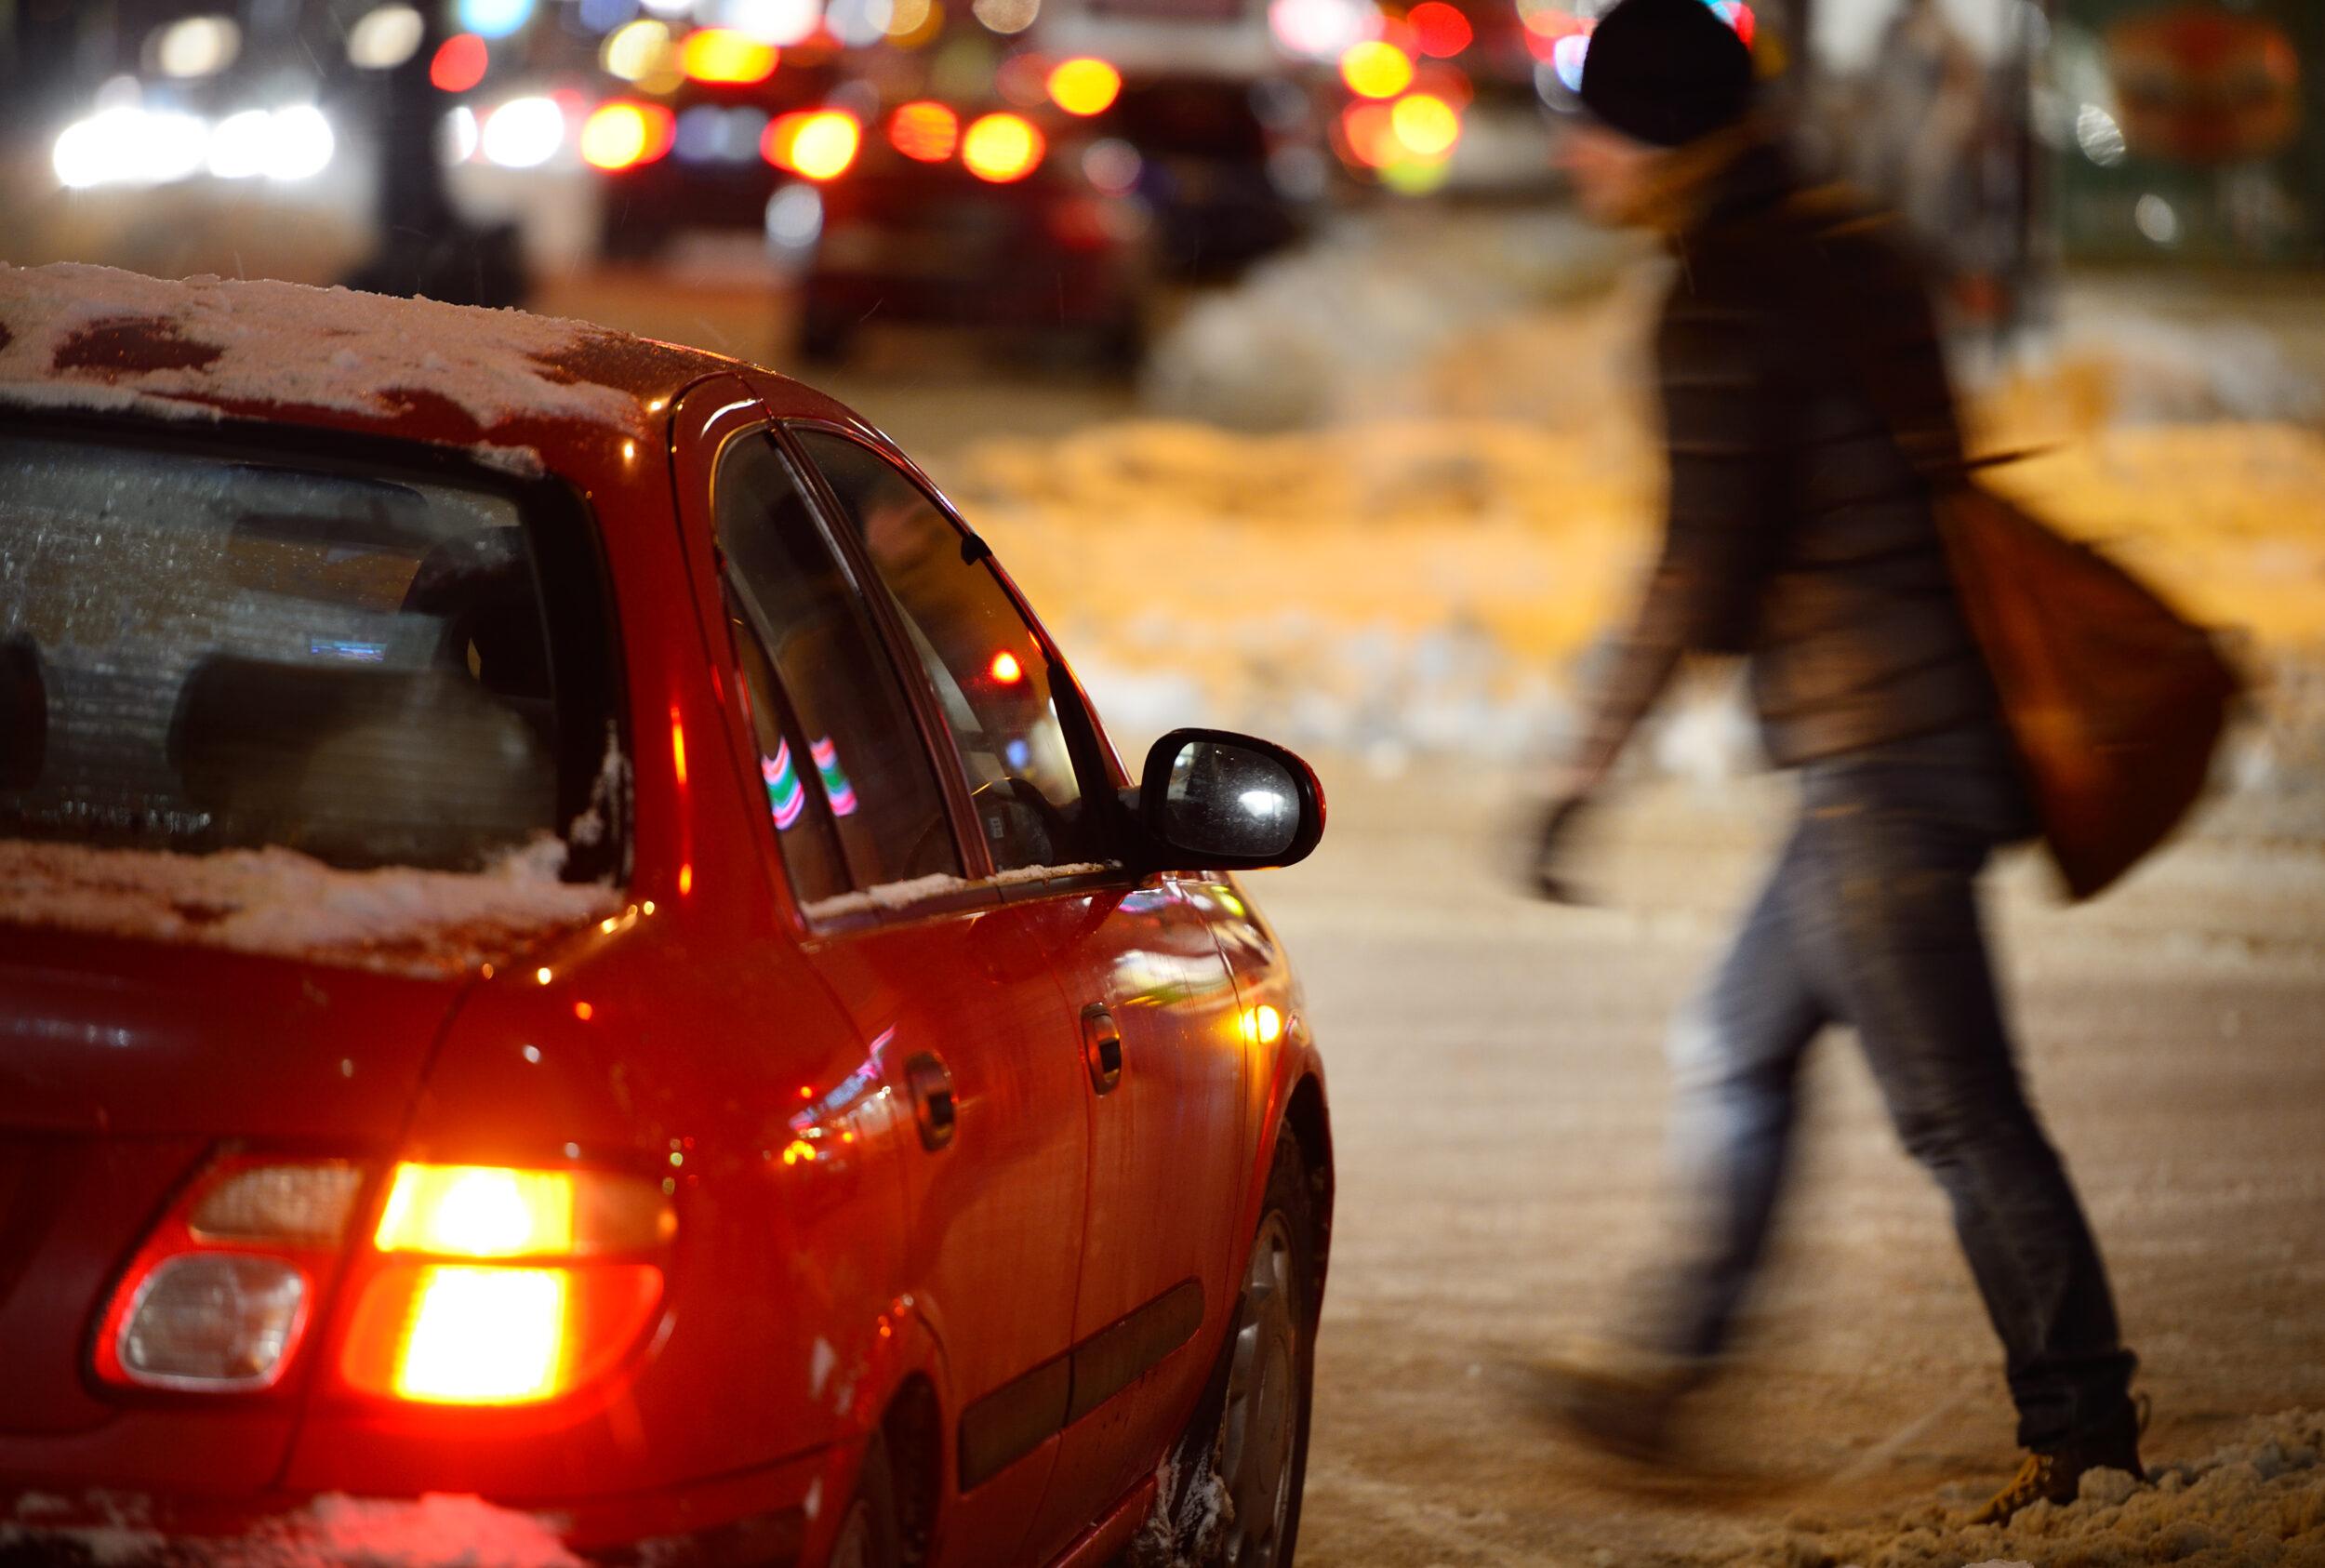 Børneulykkesfonden og lokal optiker: Husk reflekserne i vintermørket